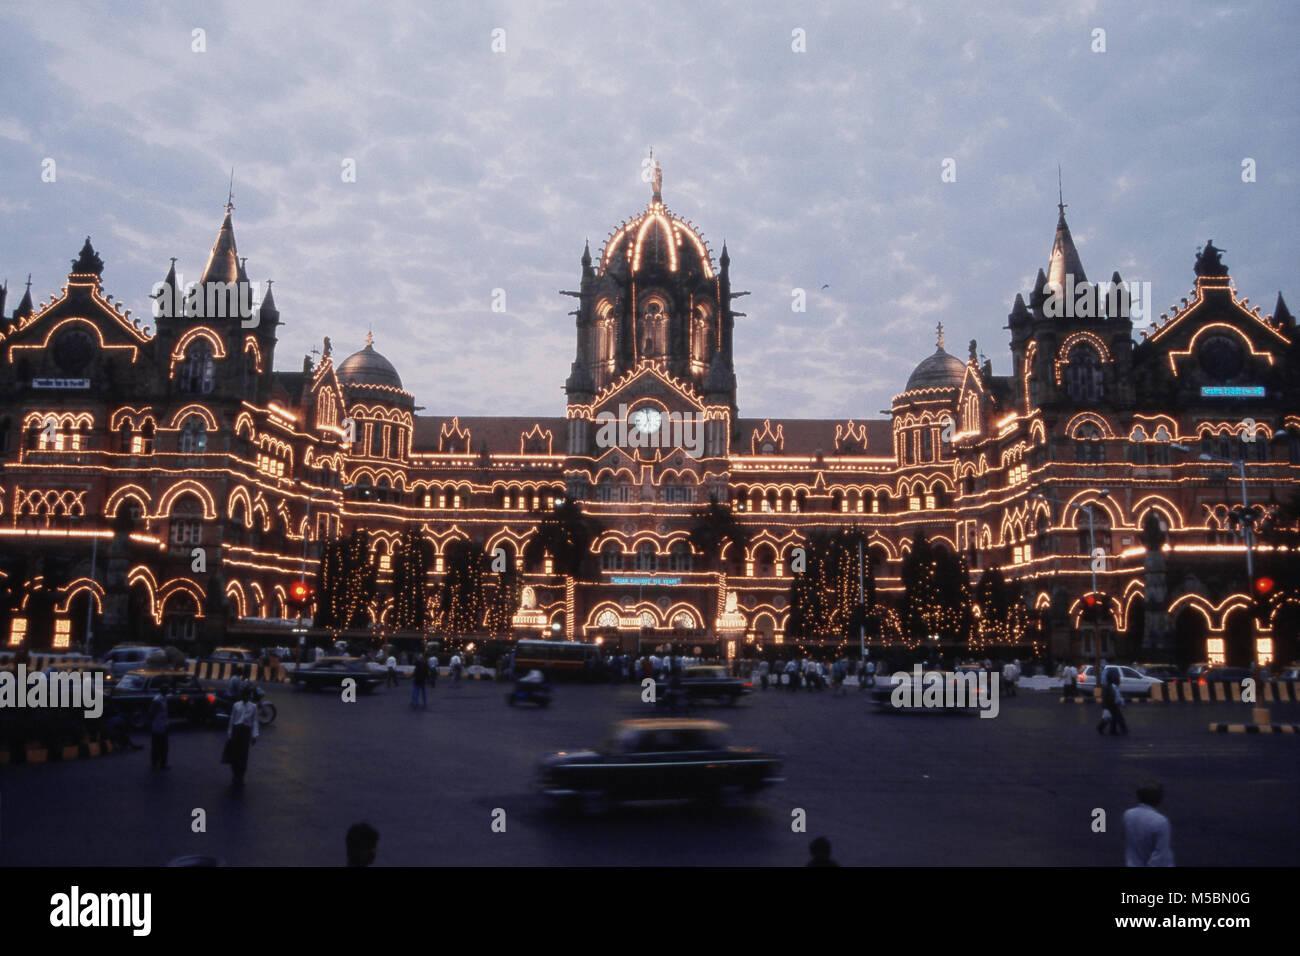 VT Station on 150 years of Completion, Mumbai, Maharashtra, India - Stock Image